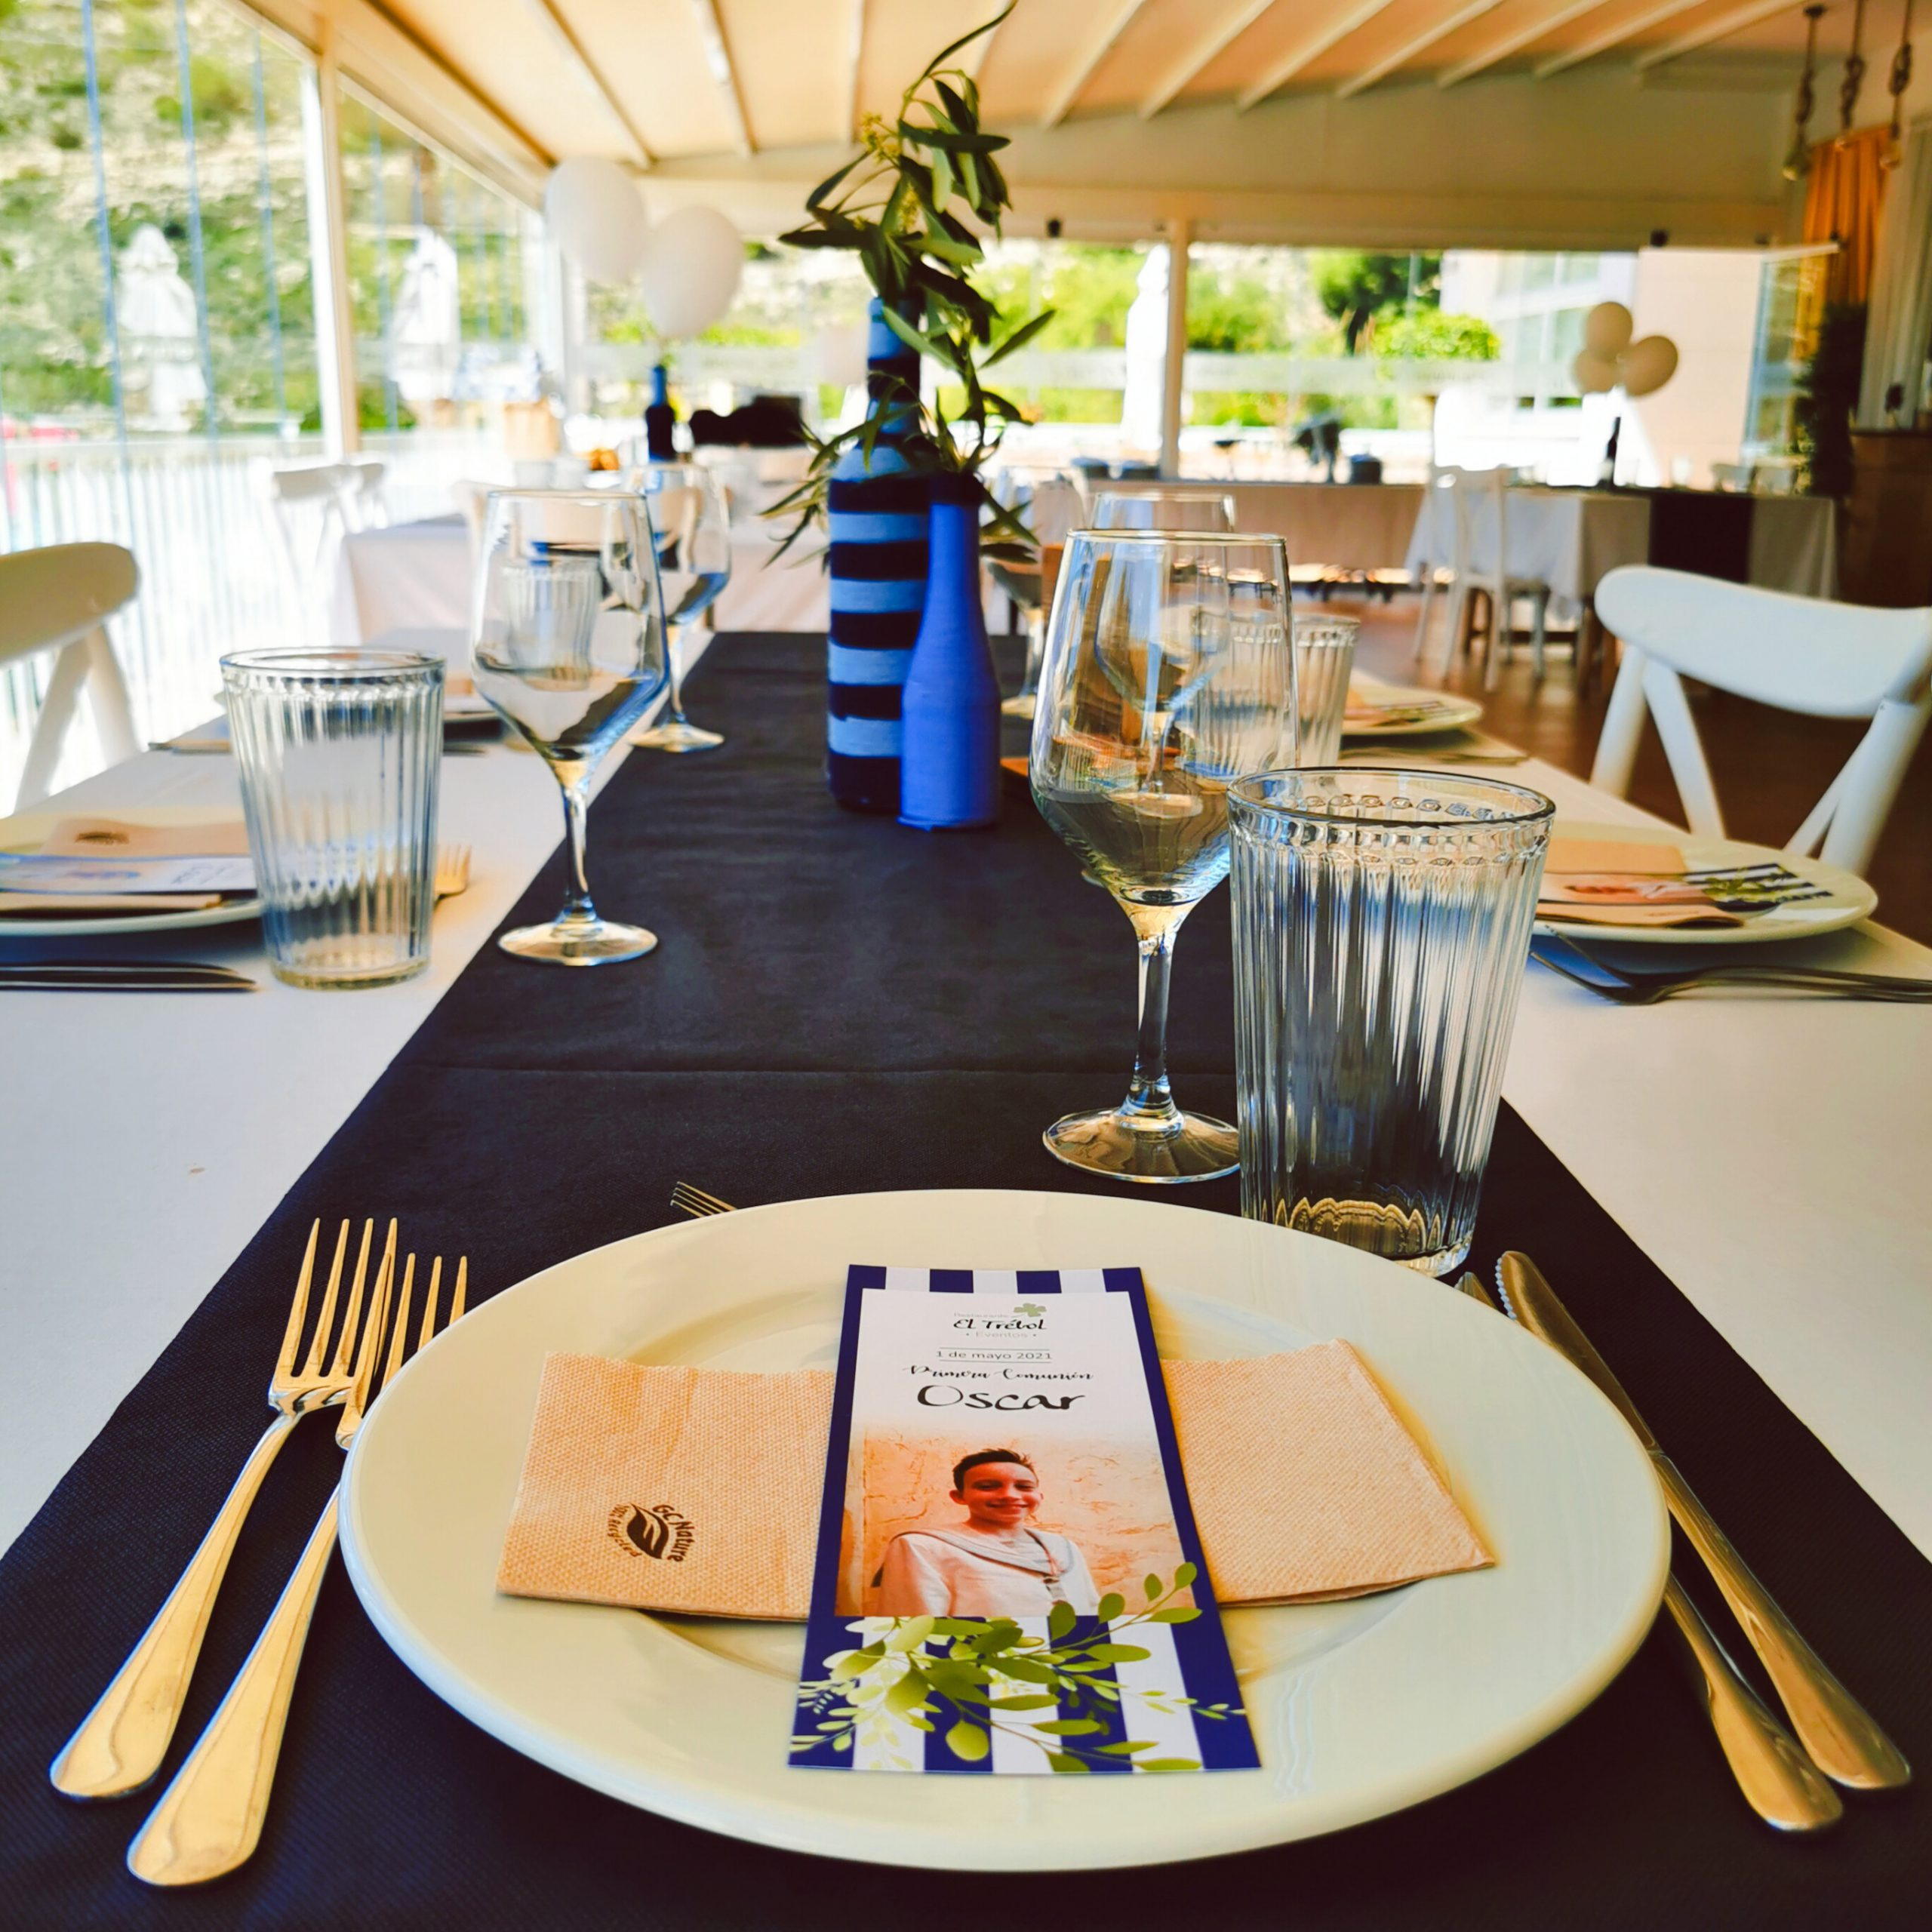 comunion 2021 restaurante el trebol (41)